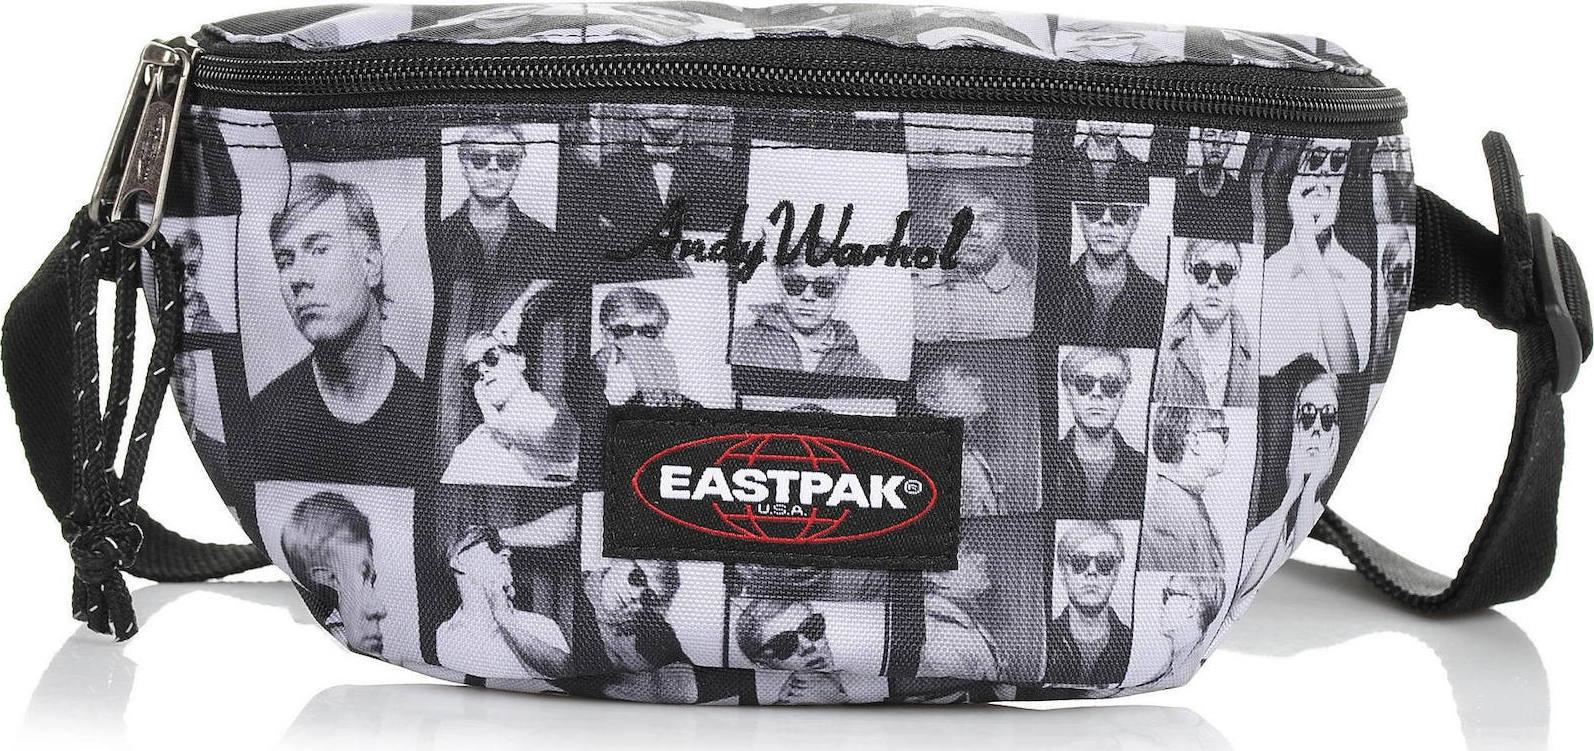 b9dae27f51 Προσθήκη στα αγαπημένα menu Eastpak Springer Andy Warhol Photobooth